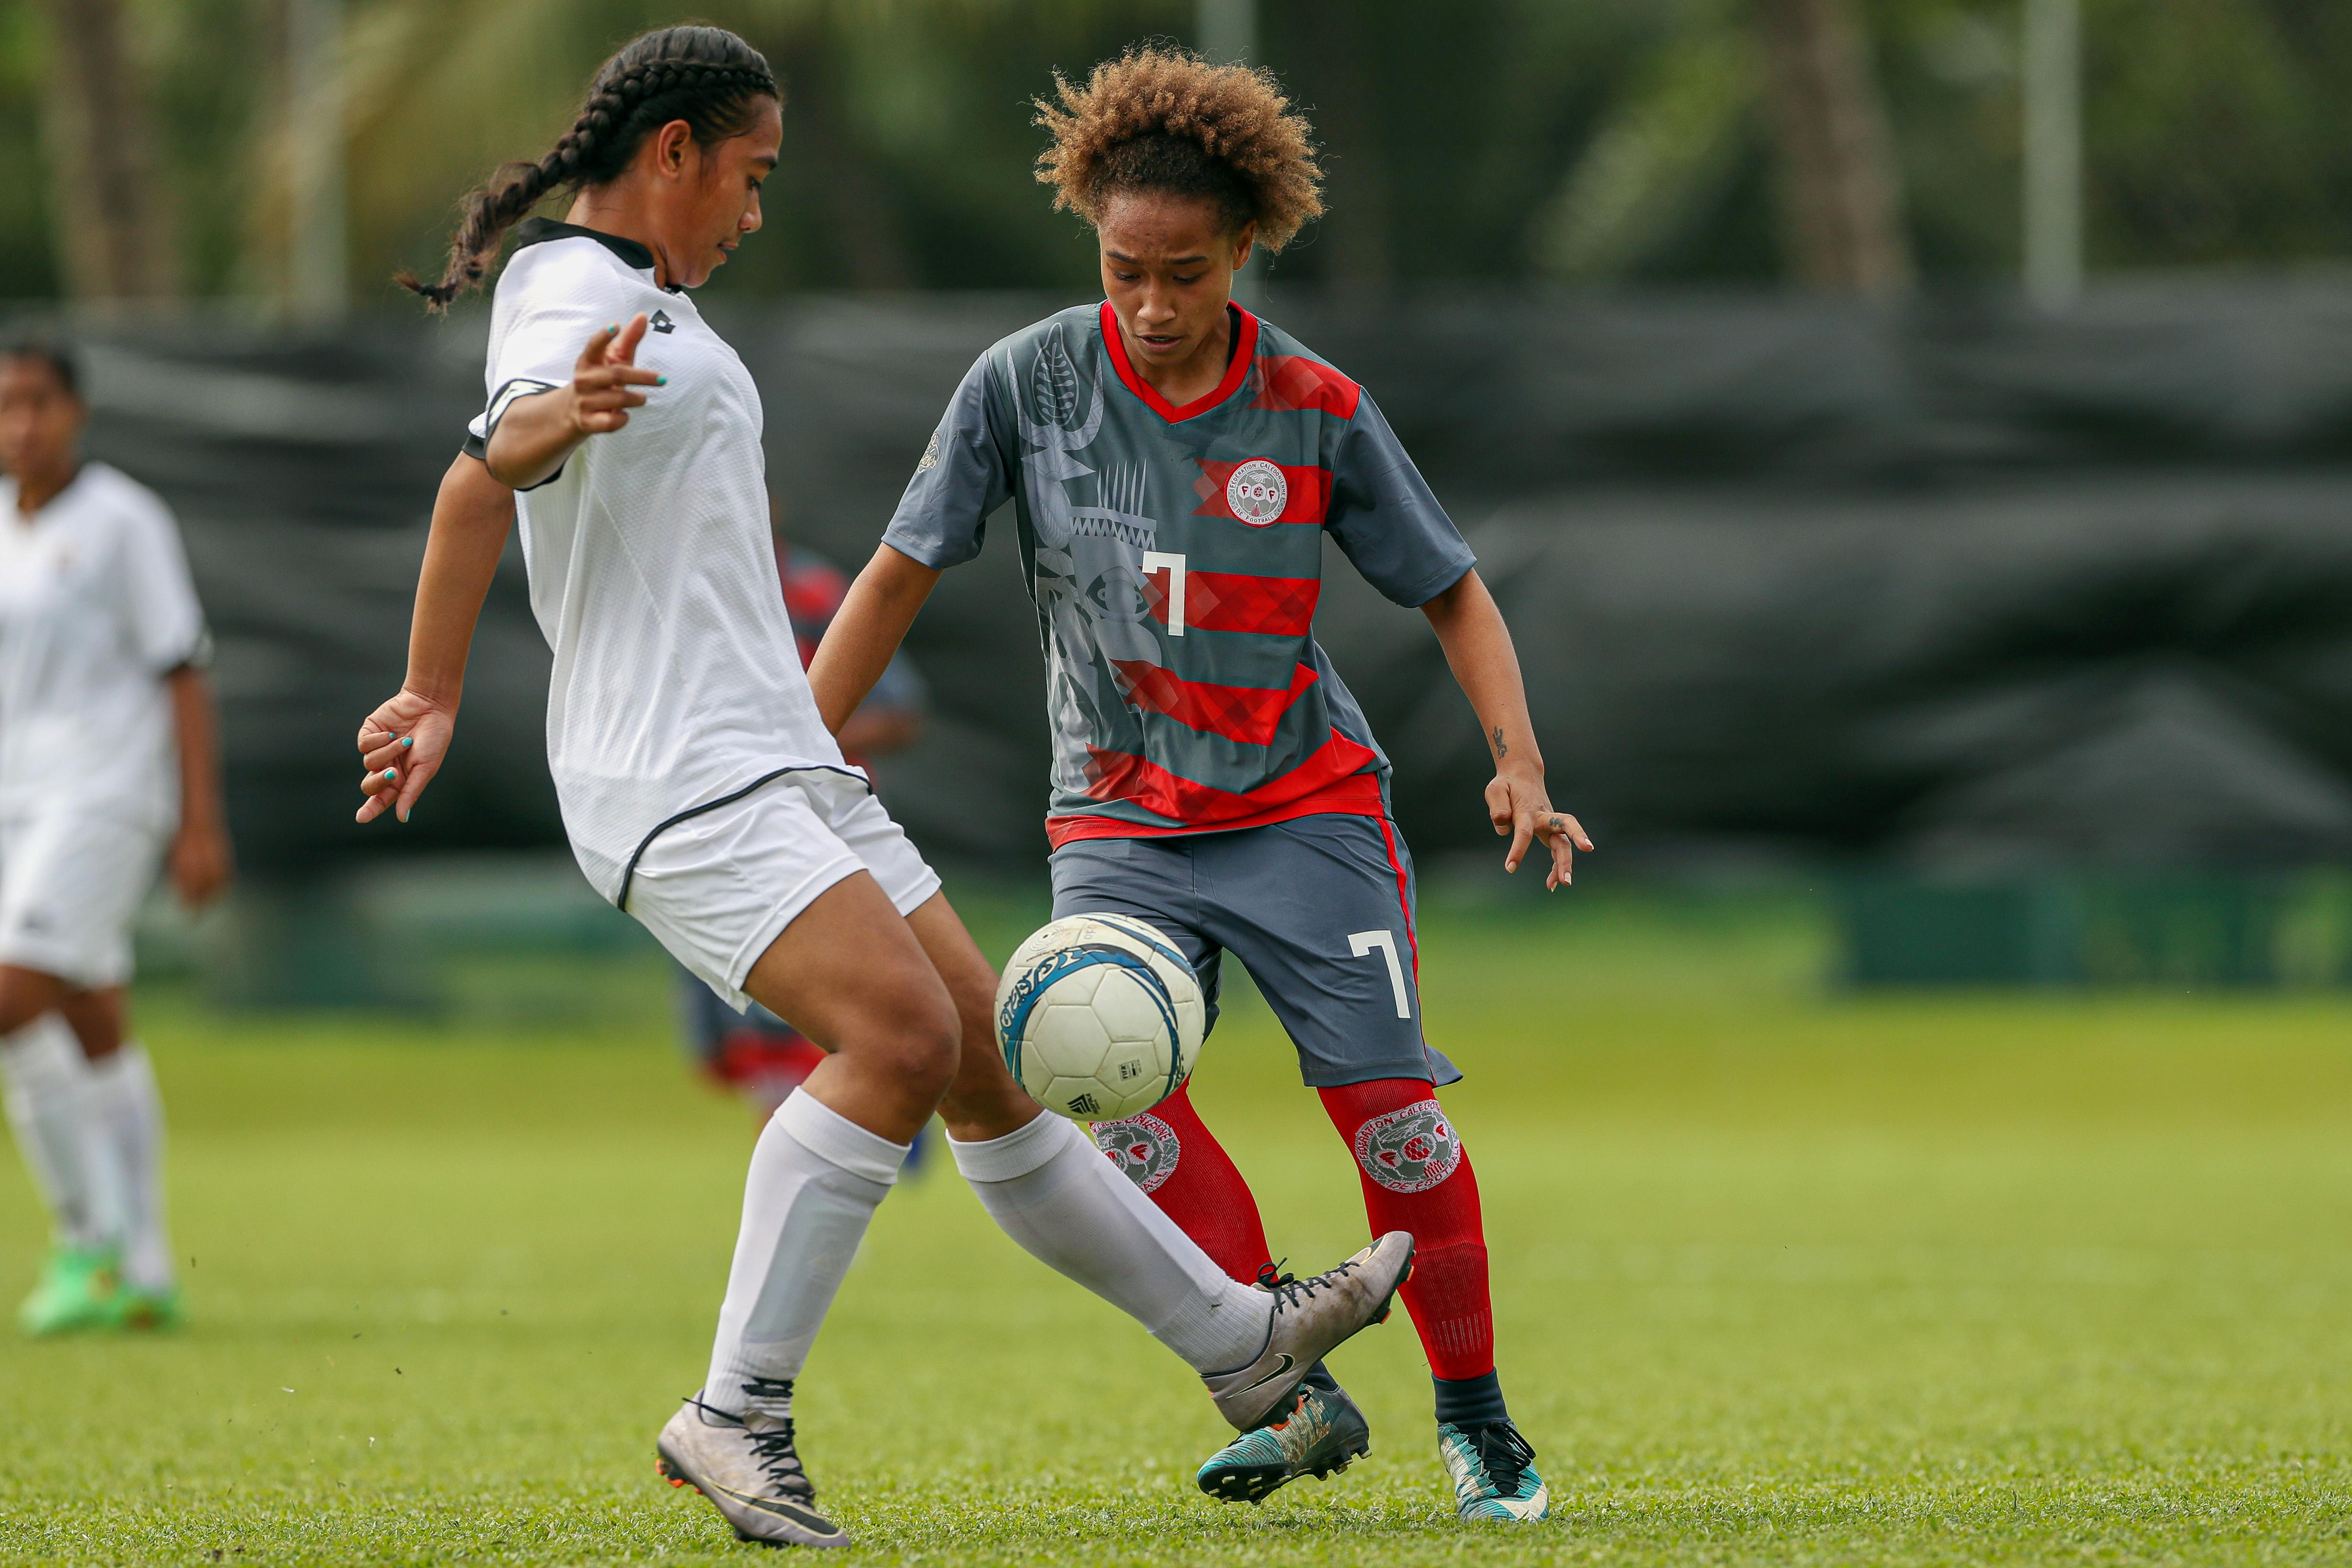 Jackie PAHOA est déjà bien connue du football océanien, étant considérée comme l'un des meilleurs espoirs du football féminin en Océanie.